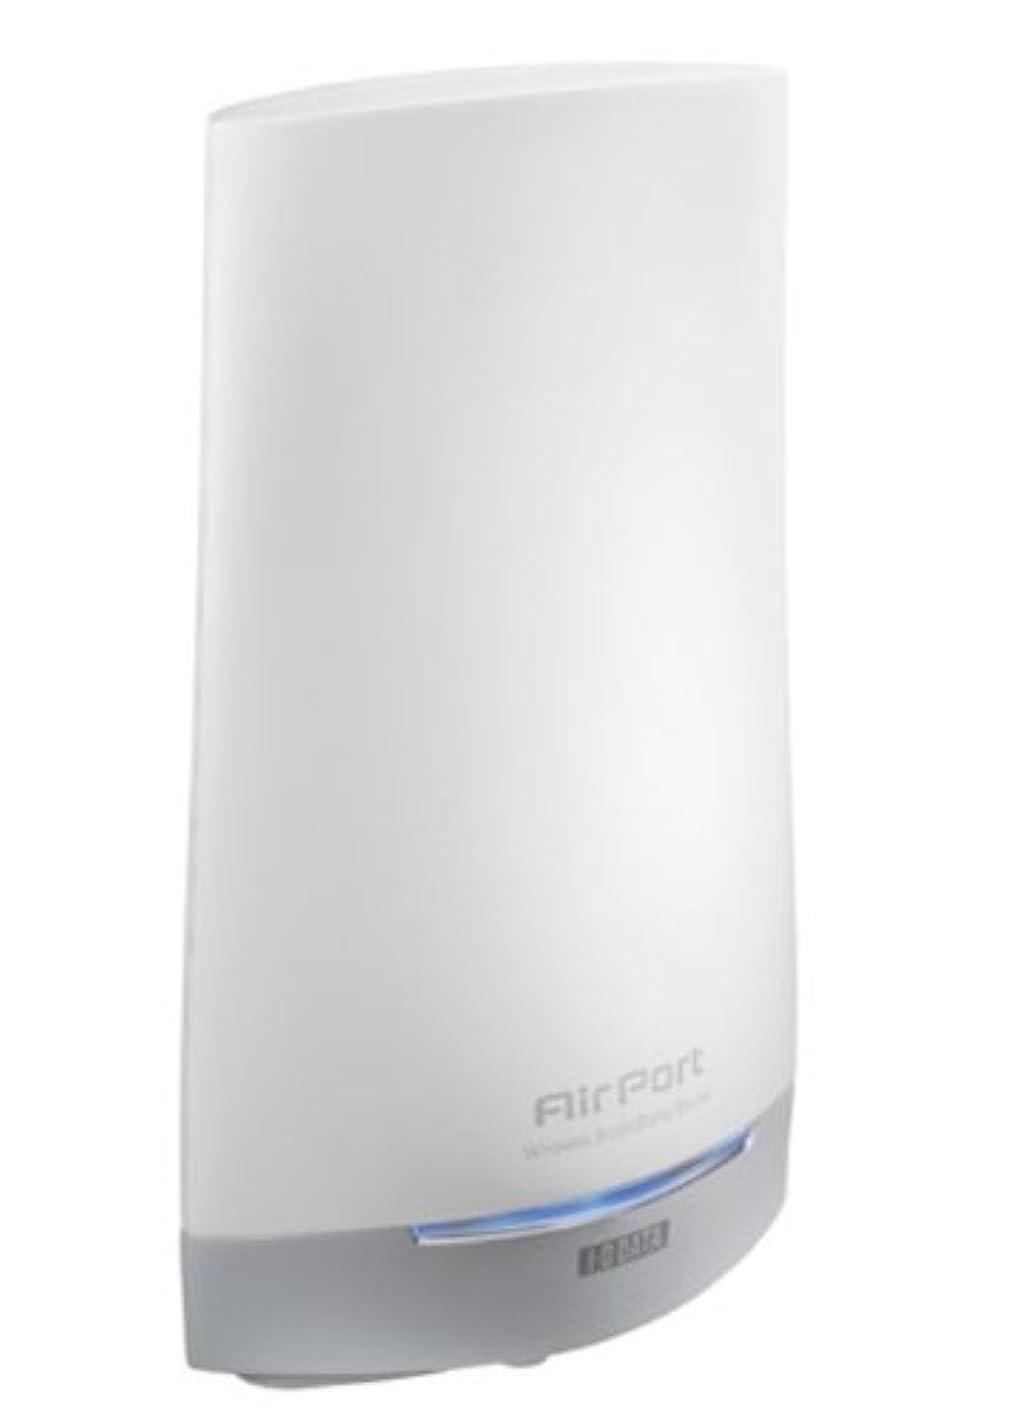 性格パレードベルトI-O DATA nテクノロジー対応 150Mbps(規格値) 無線LANルーター&アダプター WN-G150R-U 【旧モデル】